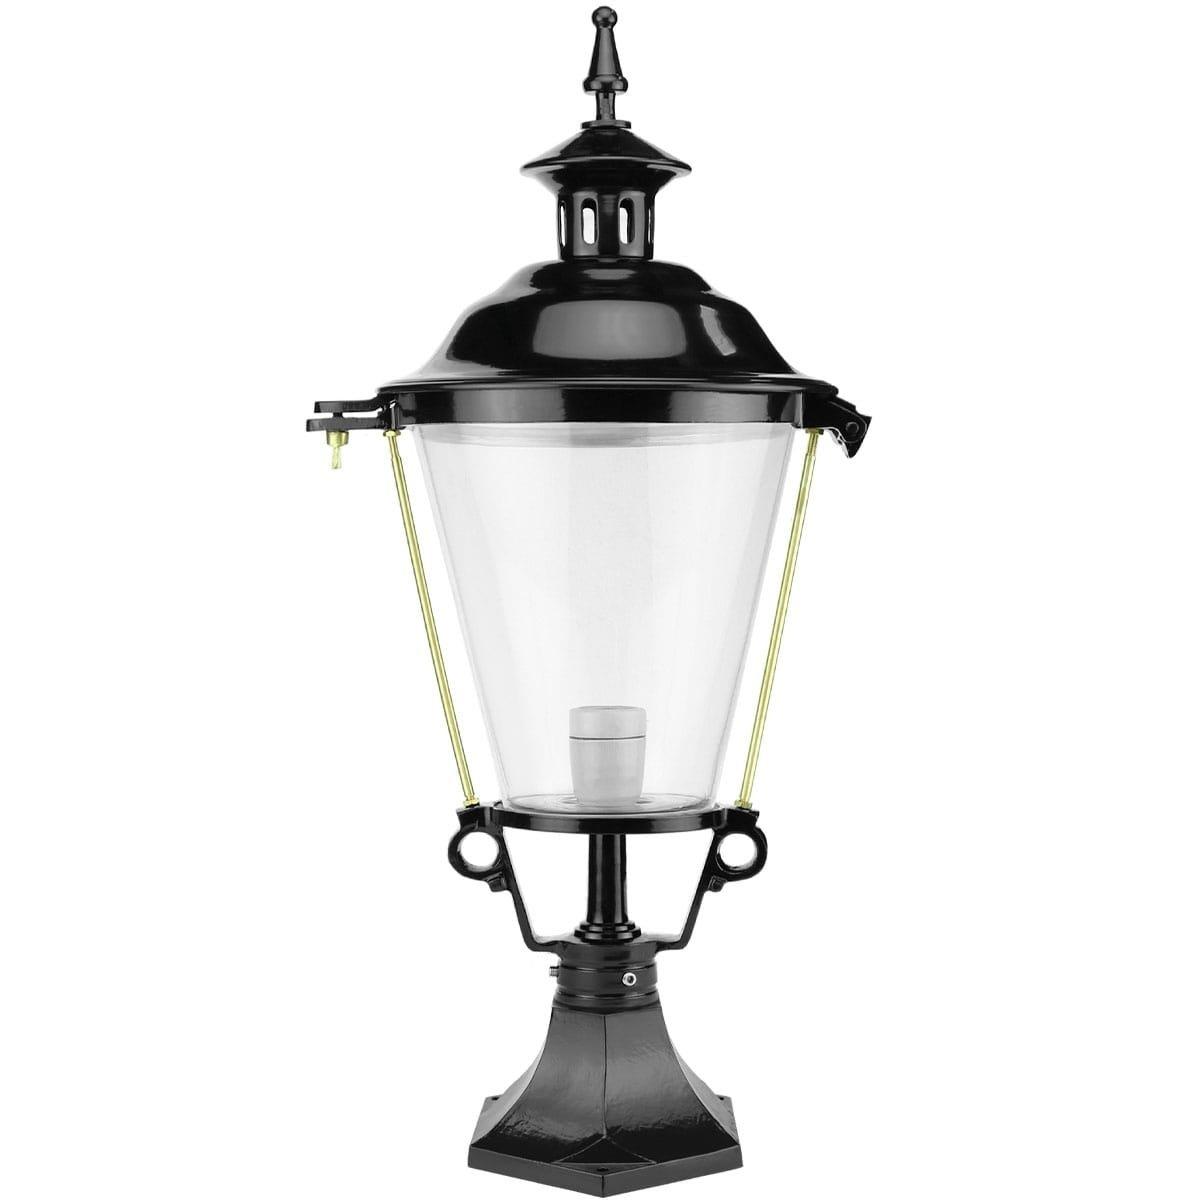 Buitenverlichting Klassiek Landelijk Vloer lantaarn buiten Lieshout - 72 cm